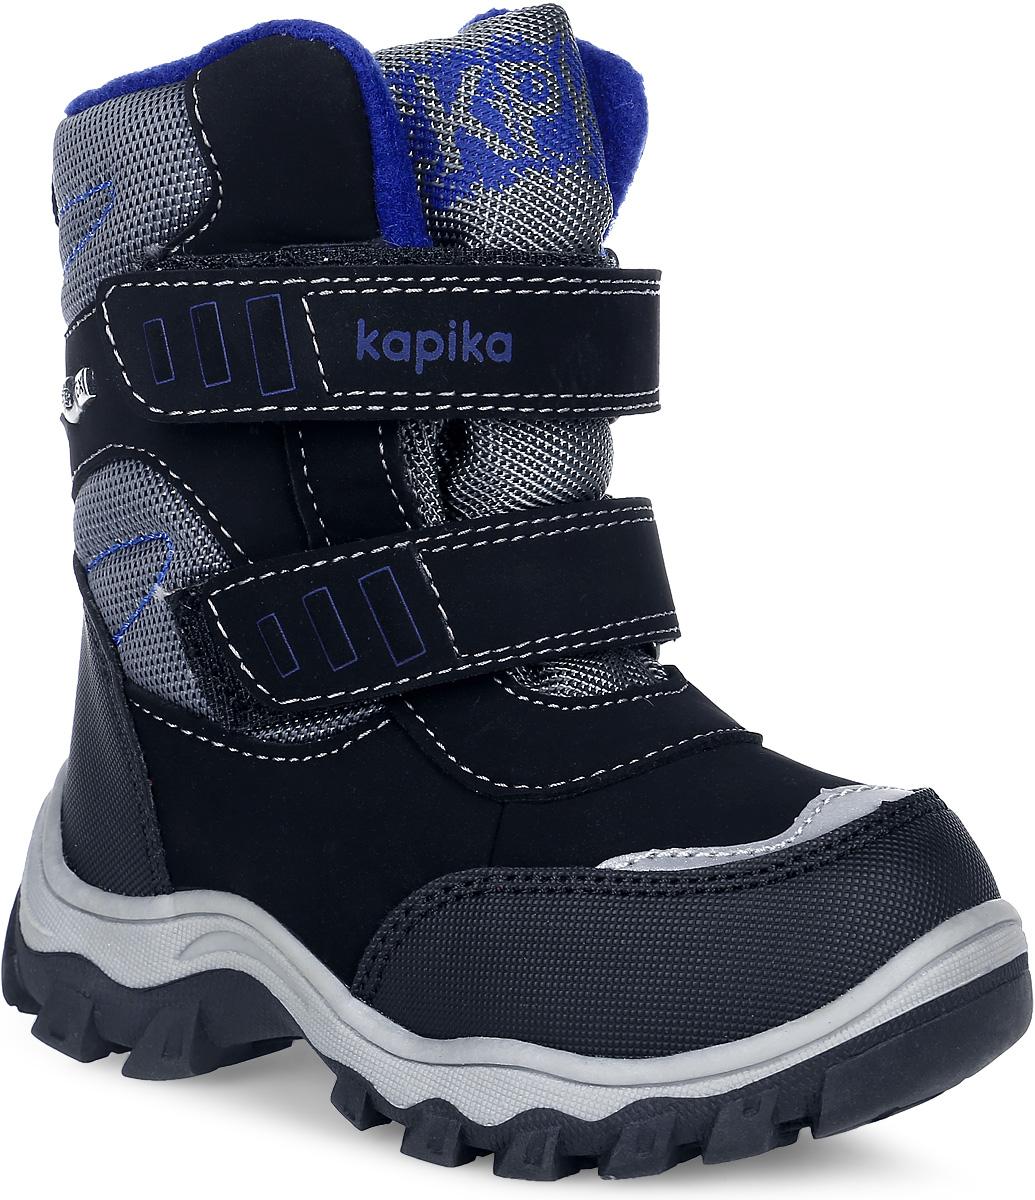 41176-1Стильные ботинки от Kapika заинтересуют вашего мальчика с первого взгляда. Ботинки выполнены из искусственной кожи и плотного текстиля. Модель оформлена оригинальной нашивкой и прострочкой. Язык оформлен фирменным принтом. Передняя и задняя части дополнены накладками для уменьшения износа обуви. Модель фиксируется на ноге с помощью удобных ремешков с застежками-липучками, одна из которых оформлена надписью с названием бренда. Ярлычок на заднике облегчает надевание обуви. Мягкий кант и внутренняя поверхность из текстиля создают комфорт при ходьбе и предотвращают натирание ножки ребенка. Подкладка и стелька на 80% состоят из натуральной шерсти и обеспечат ножкам тепло и уют. Подошва изготовлена из прочного и легкого ТЭП-материала, а ее рифленая поверхность гарантирует отличное сцепление с любой поверхностью. Стильные и практичные ботинки займут достойное место в гардеробе вашего ребенка.